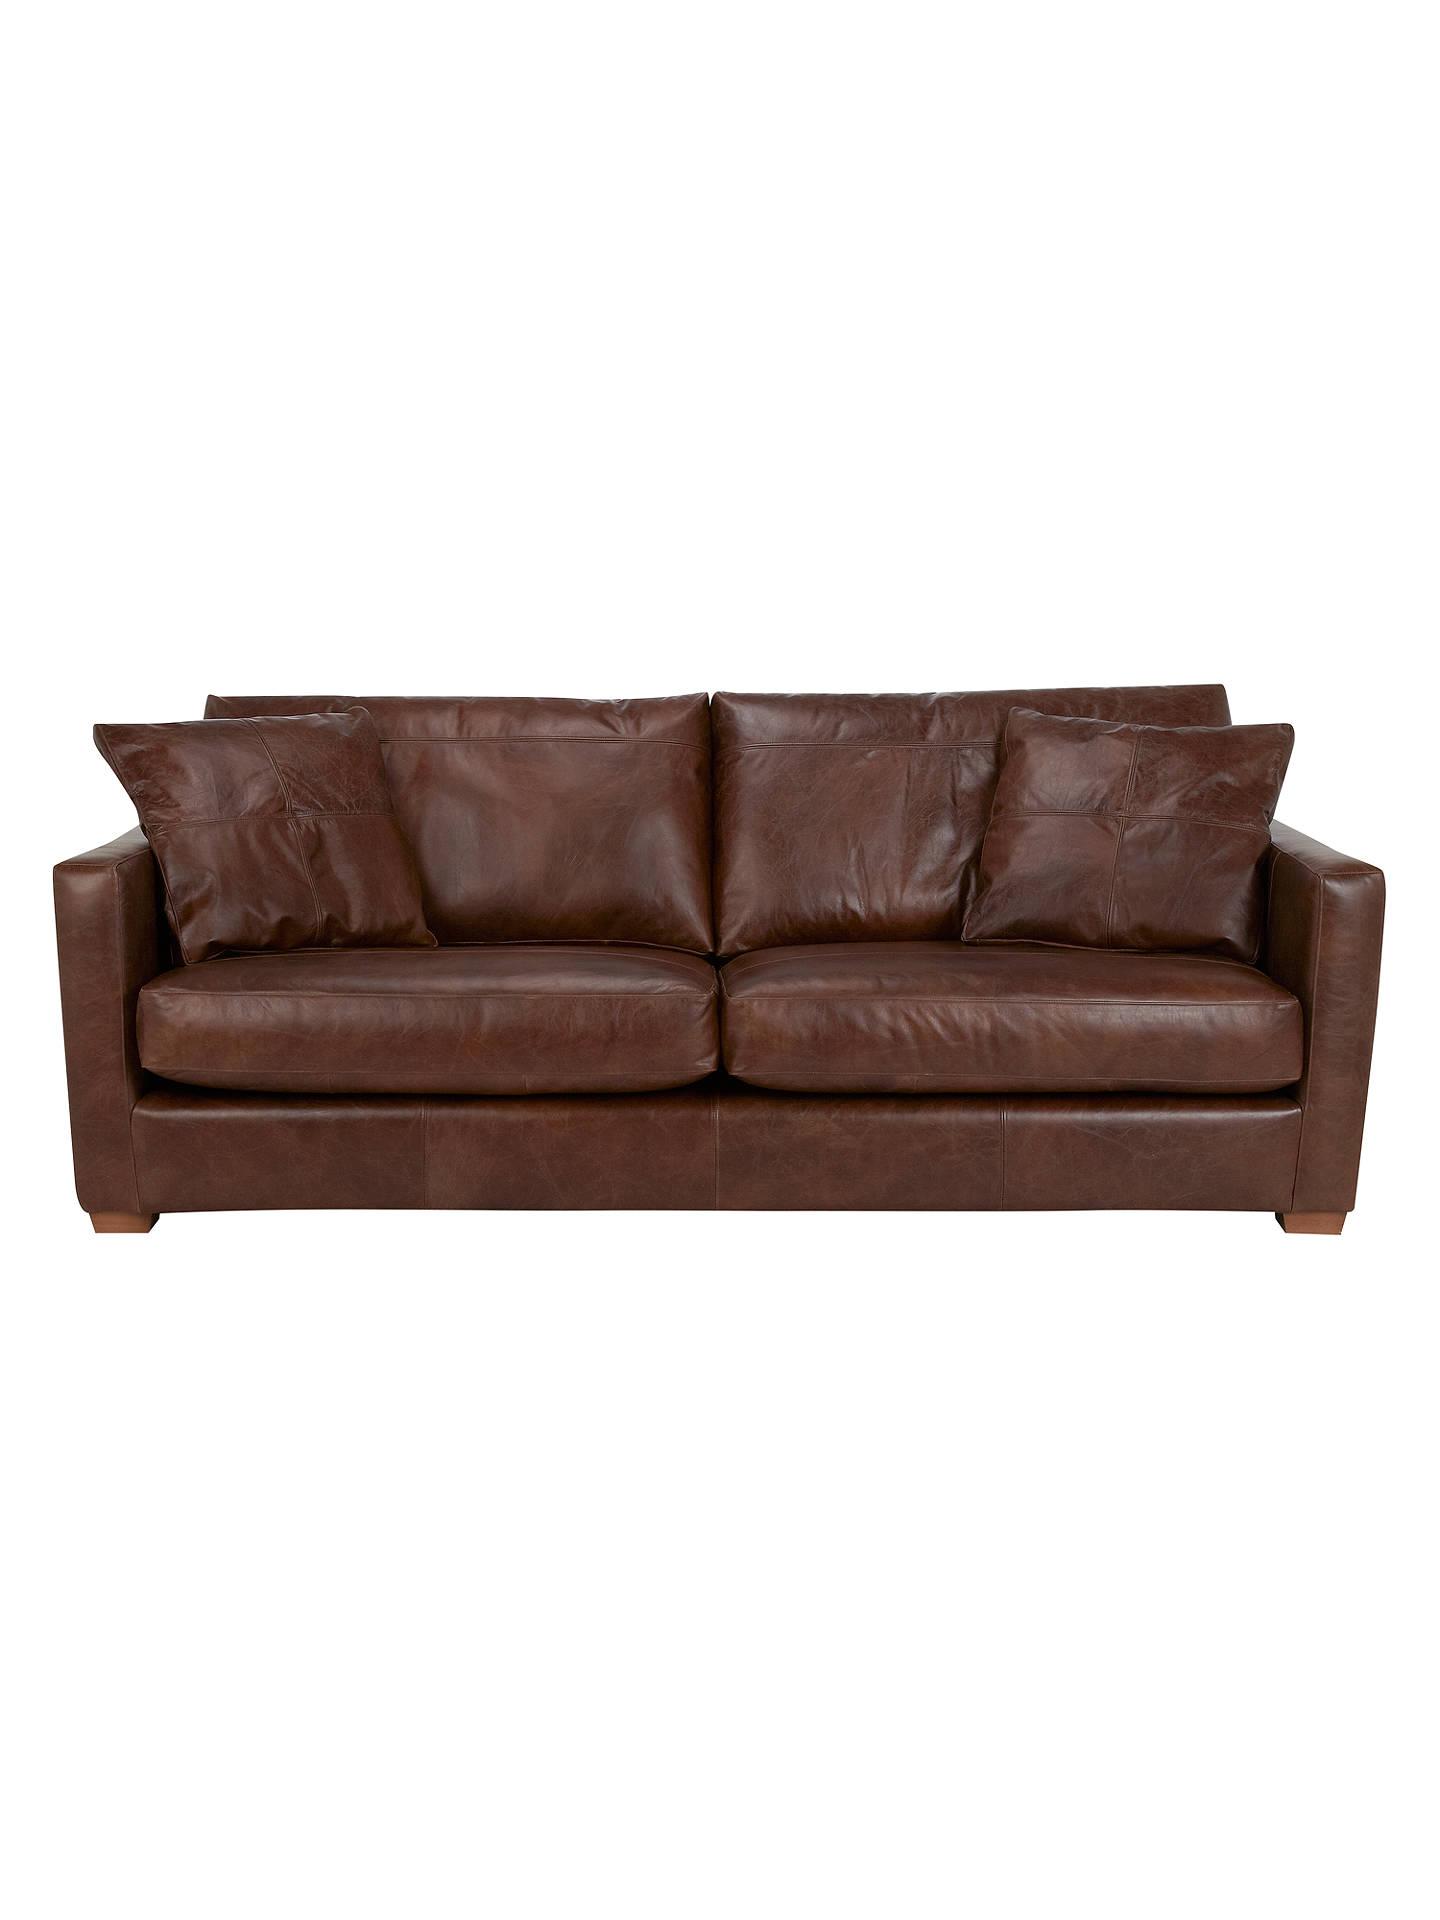 john lewis baxter grand leather sofa antique cigar at. Black Bedroom Furniture Sets. Home Design Ideas